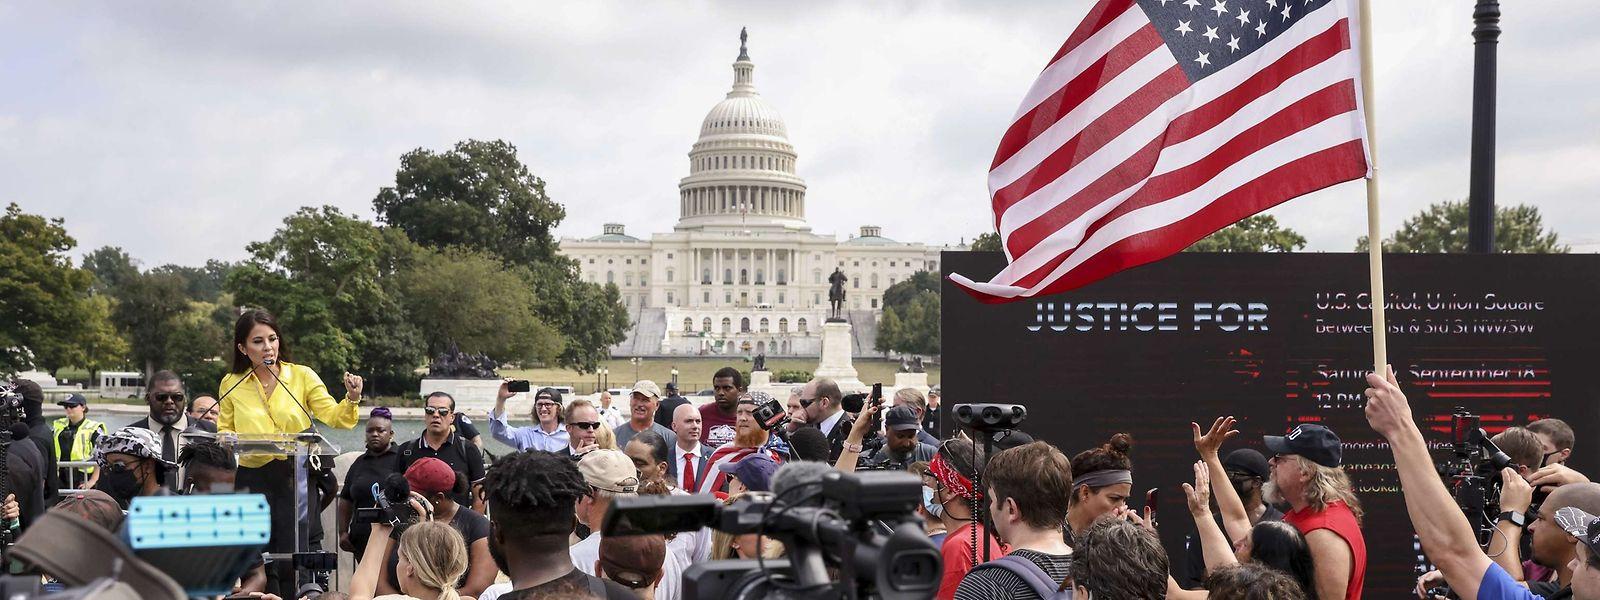 Demonstranten hatten sich am Samstag vor dem Kapitol versammelt.